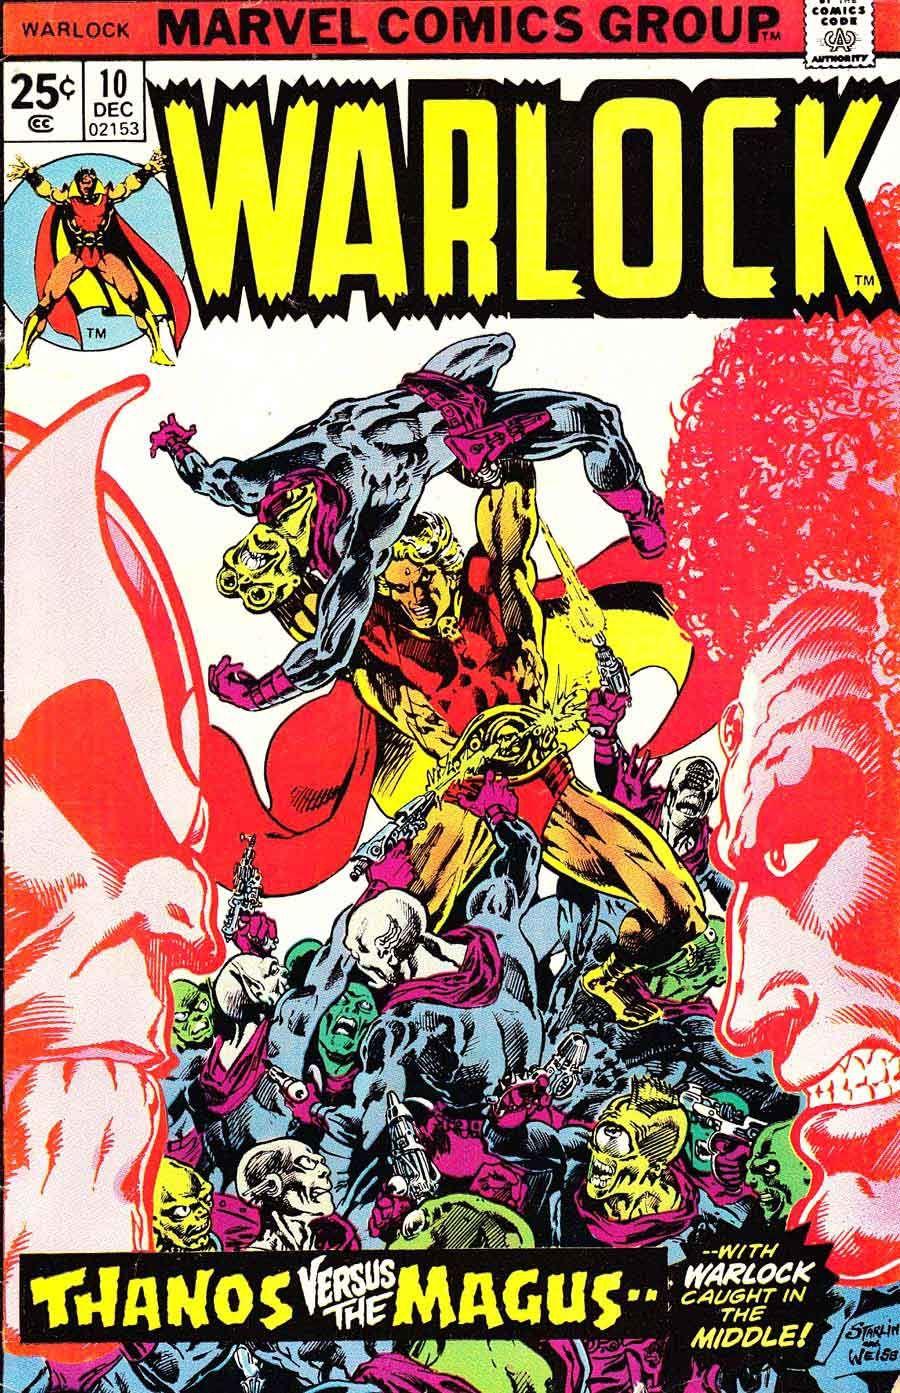 Warlock 10 - Starlin